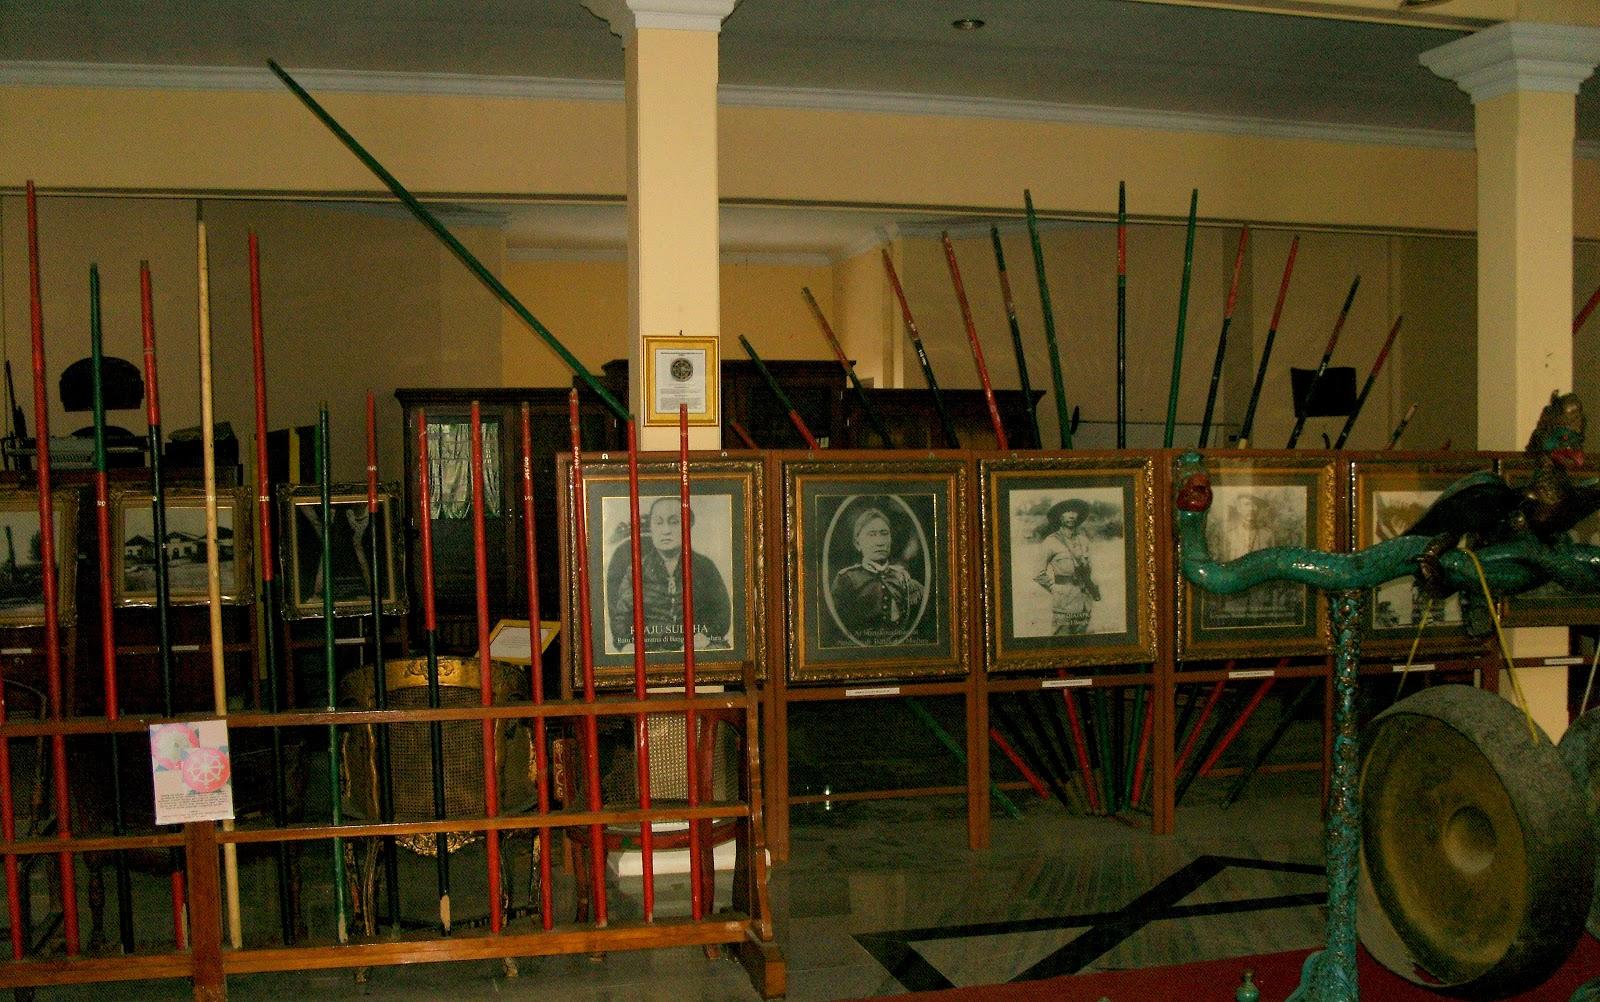 Wisata Museum Bangkalan Open Mainded Cakraningrat Benda Pusaka Kraton Benteng